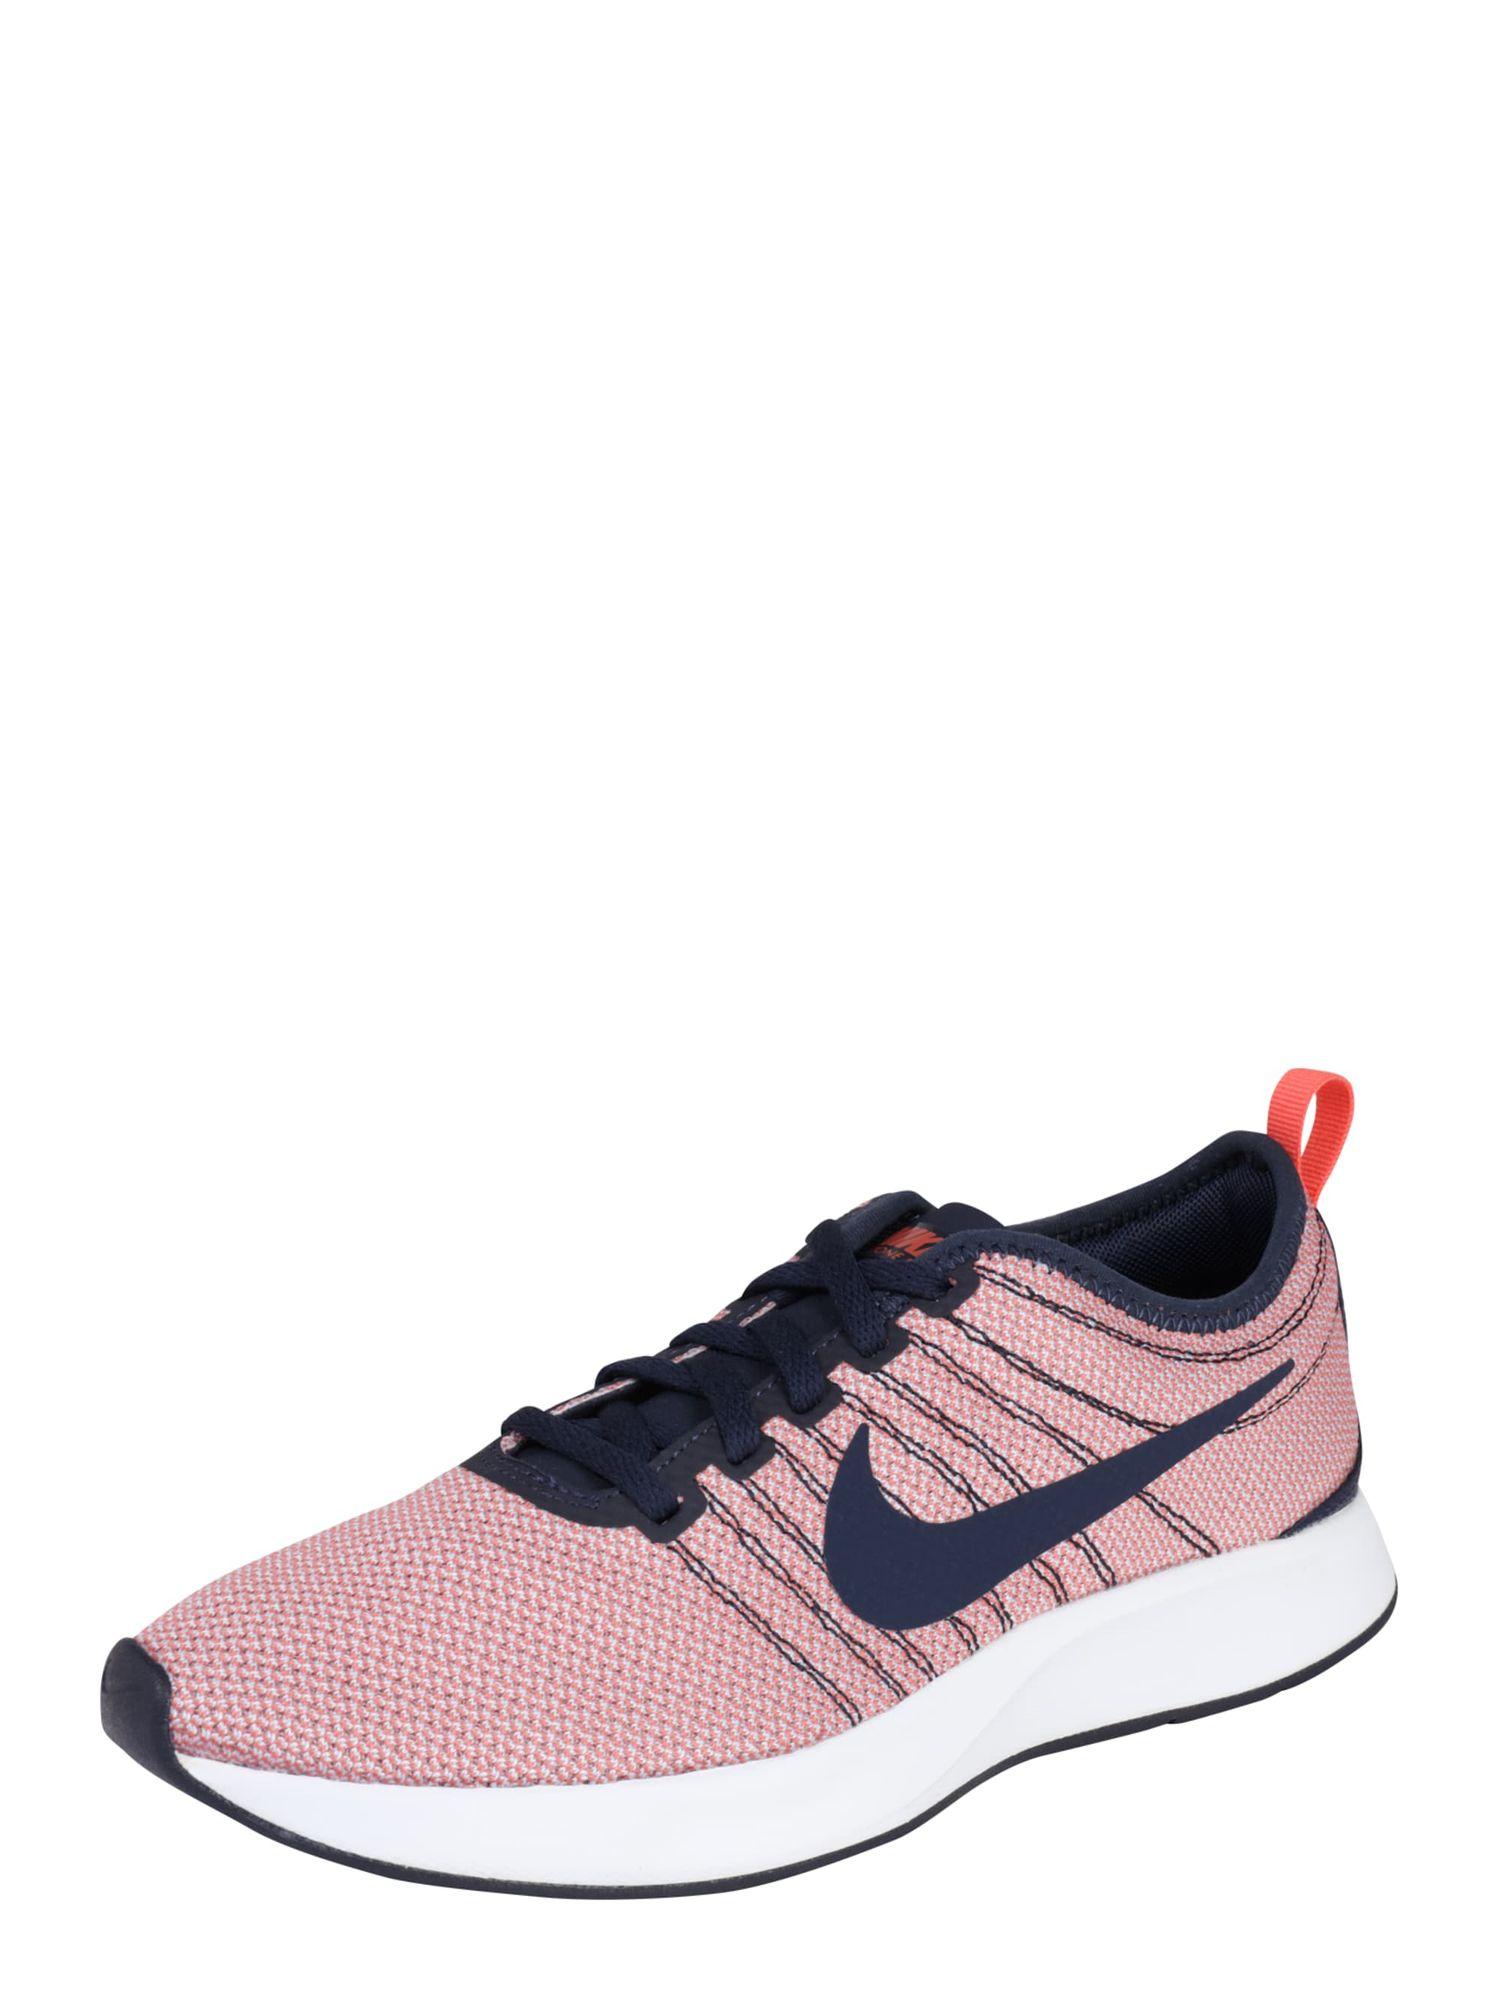 Sneaker ´Dualtone Racer´